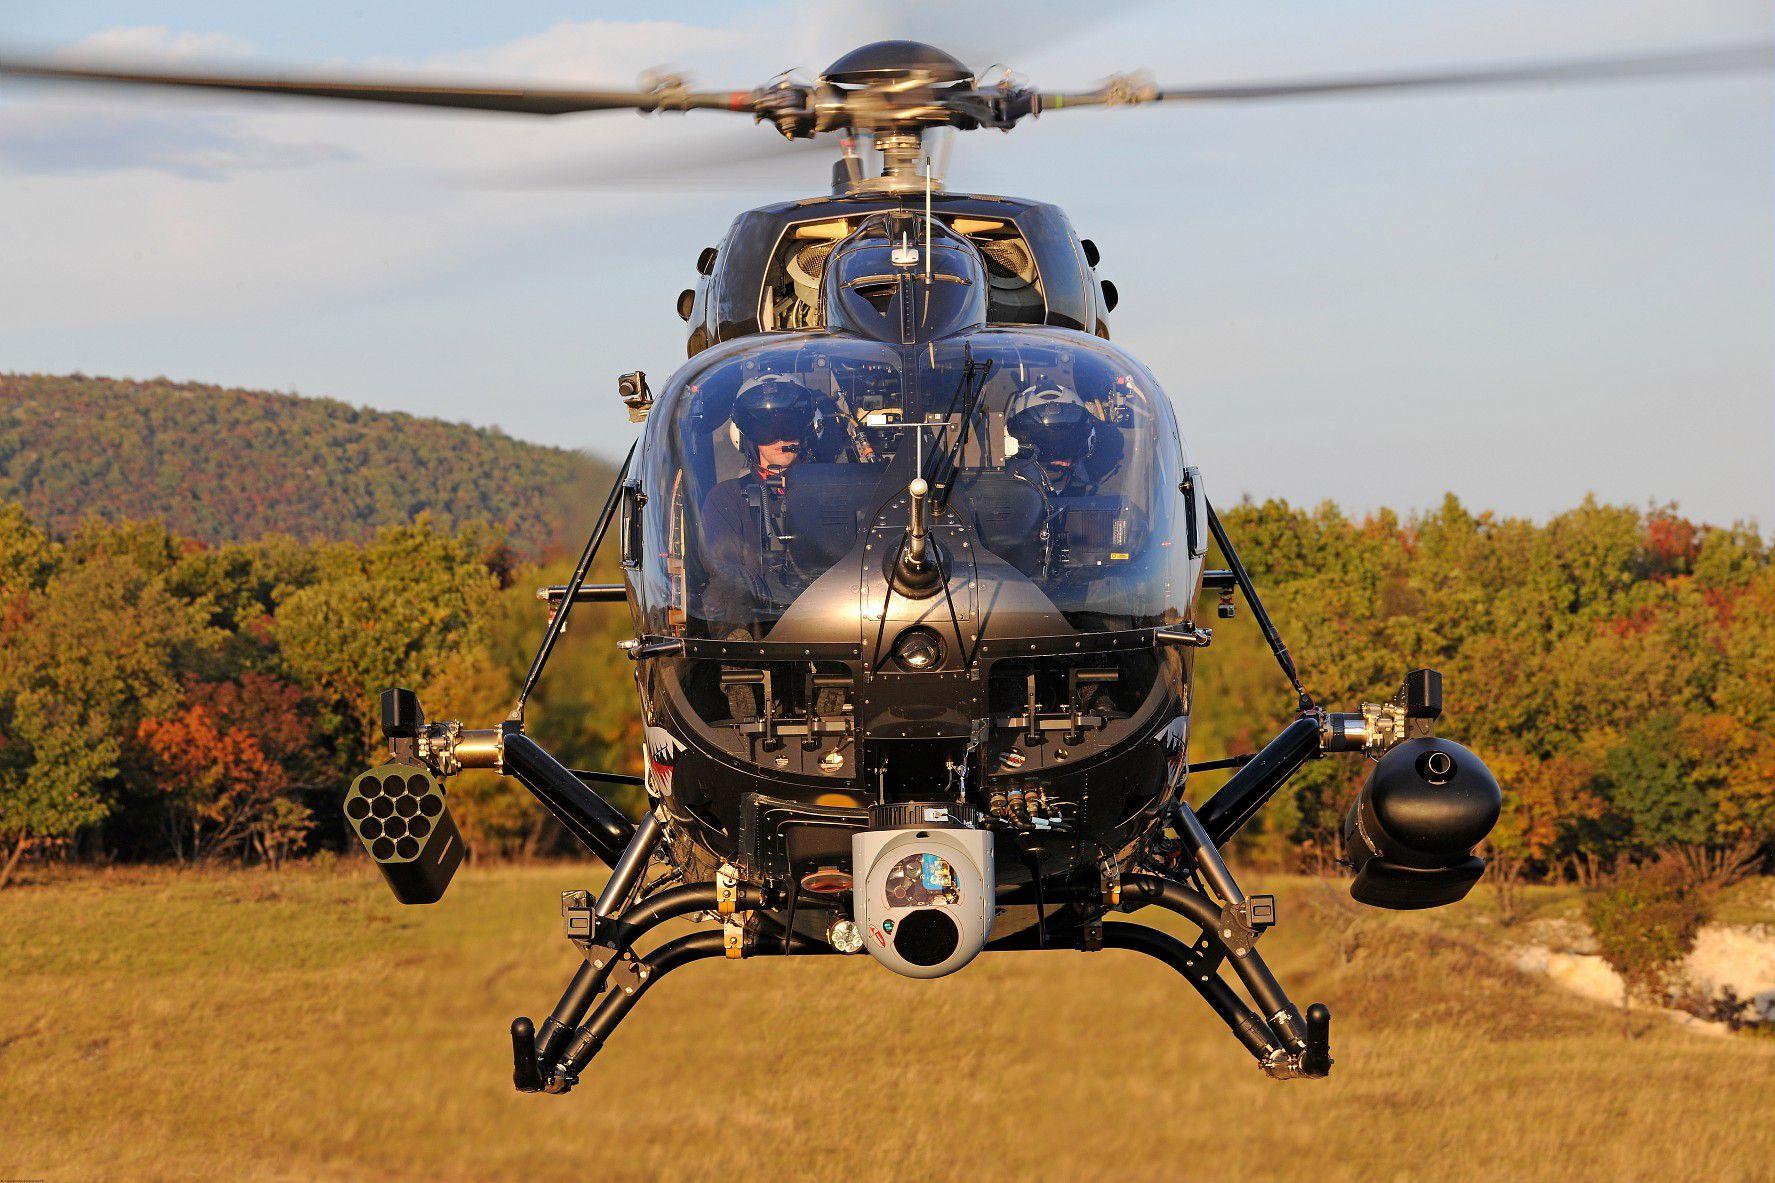 Легкий многоцелевой вертолет Airbus Helicopters Н145М с комплексом вооружения Airbus HForce во время испытаний в Венгрии, 2017 год.